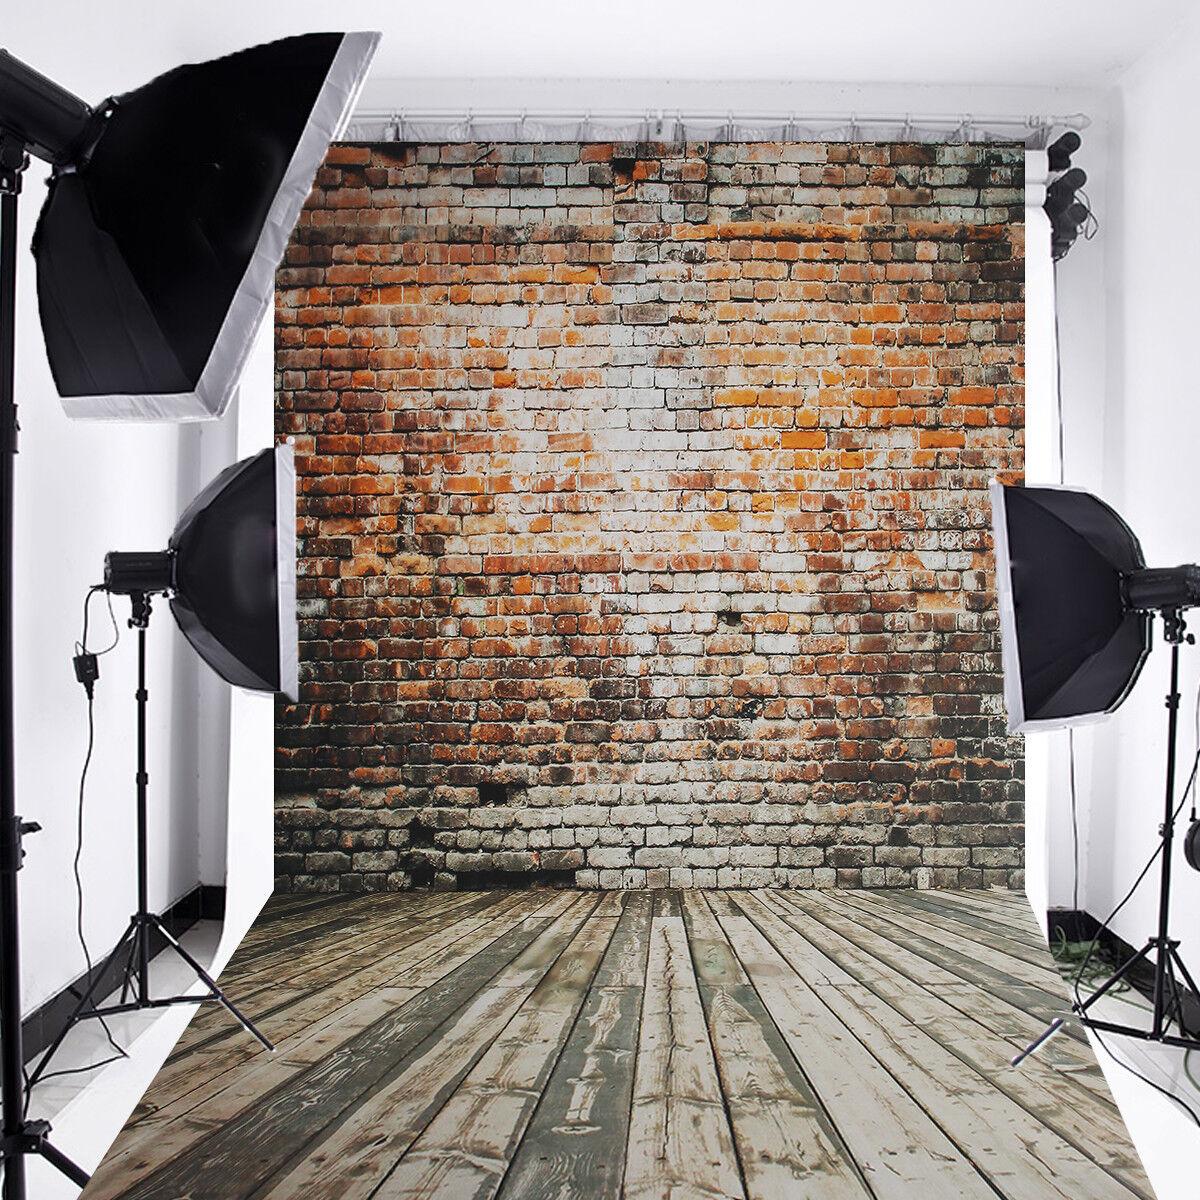 Download 940 Background Studio Foto HD Terbaik